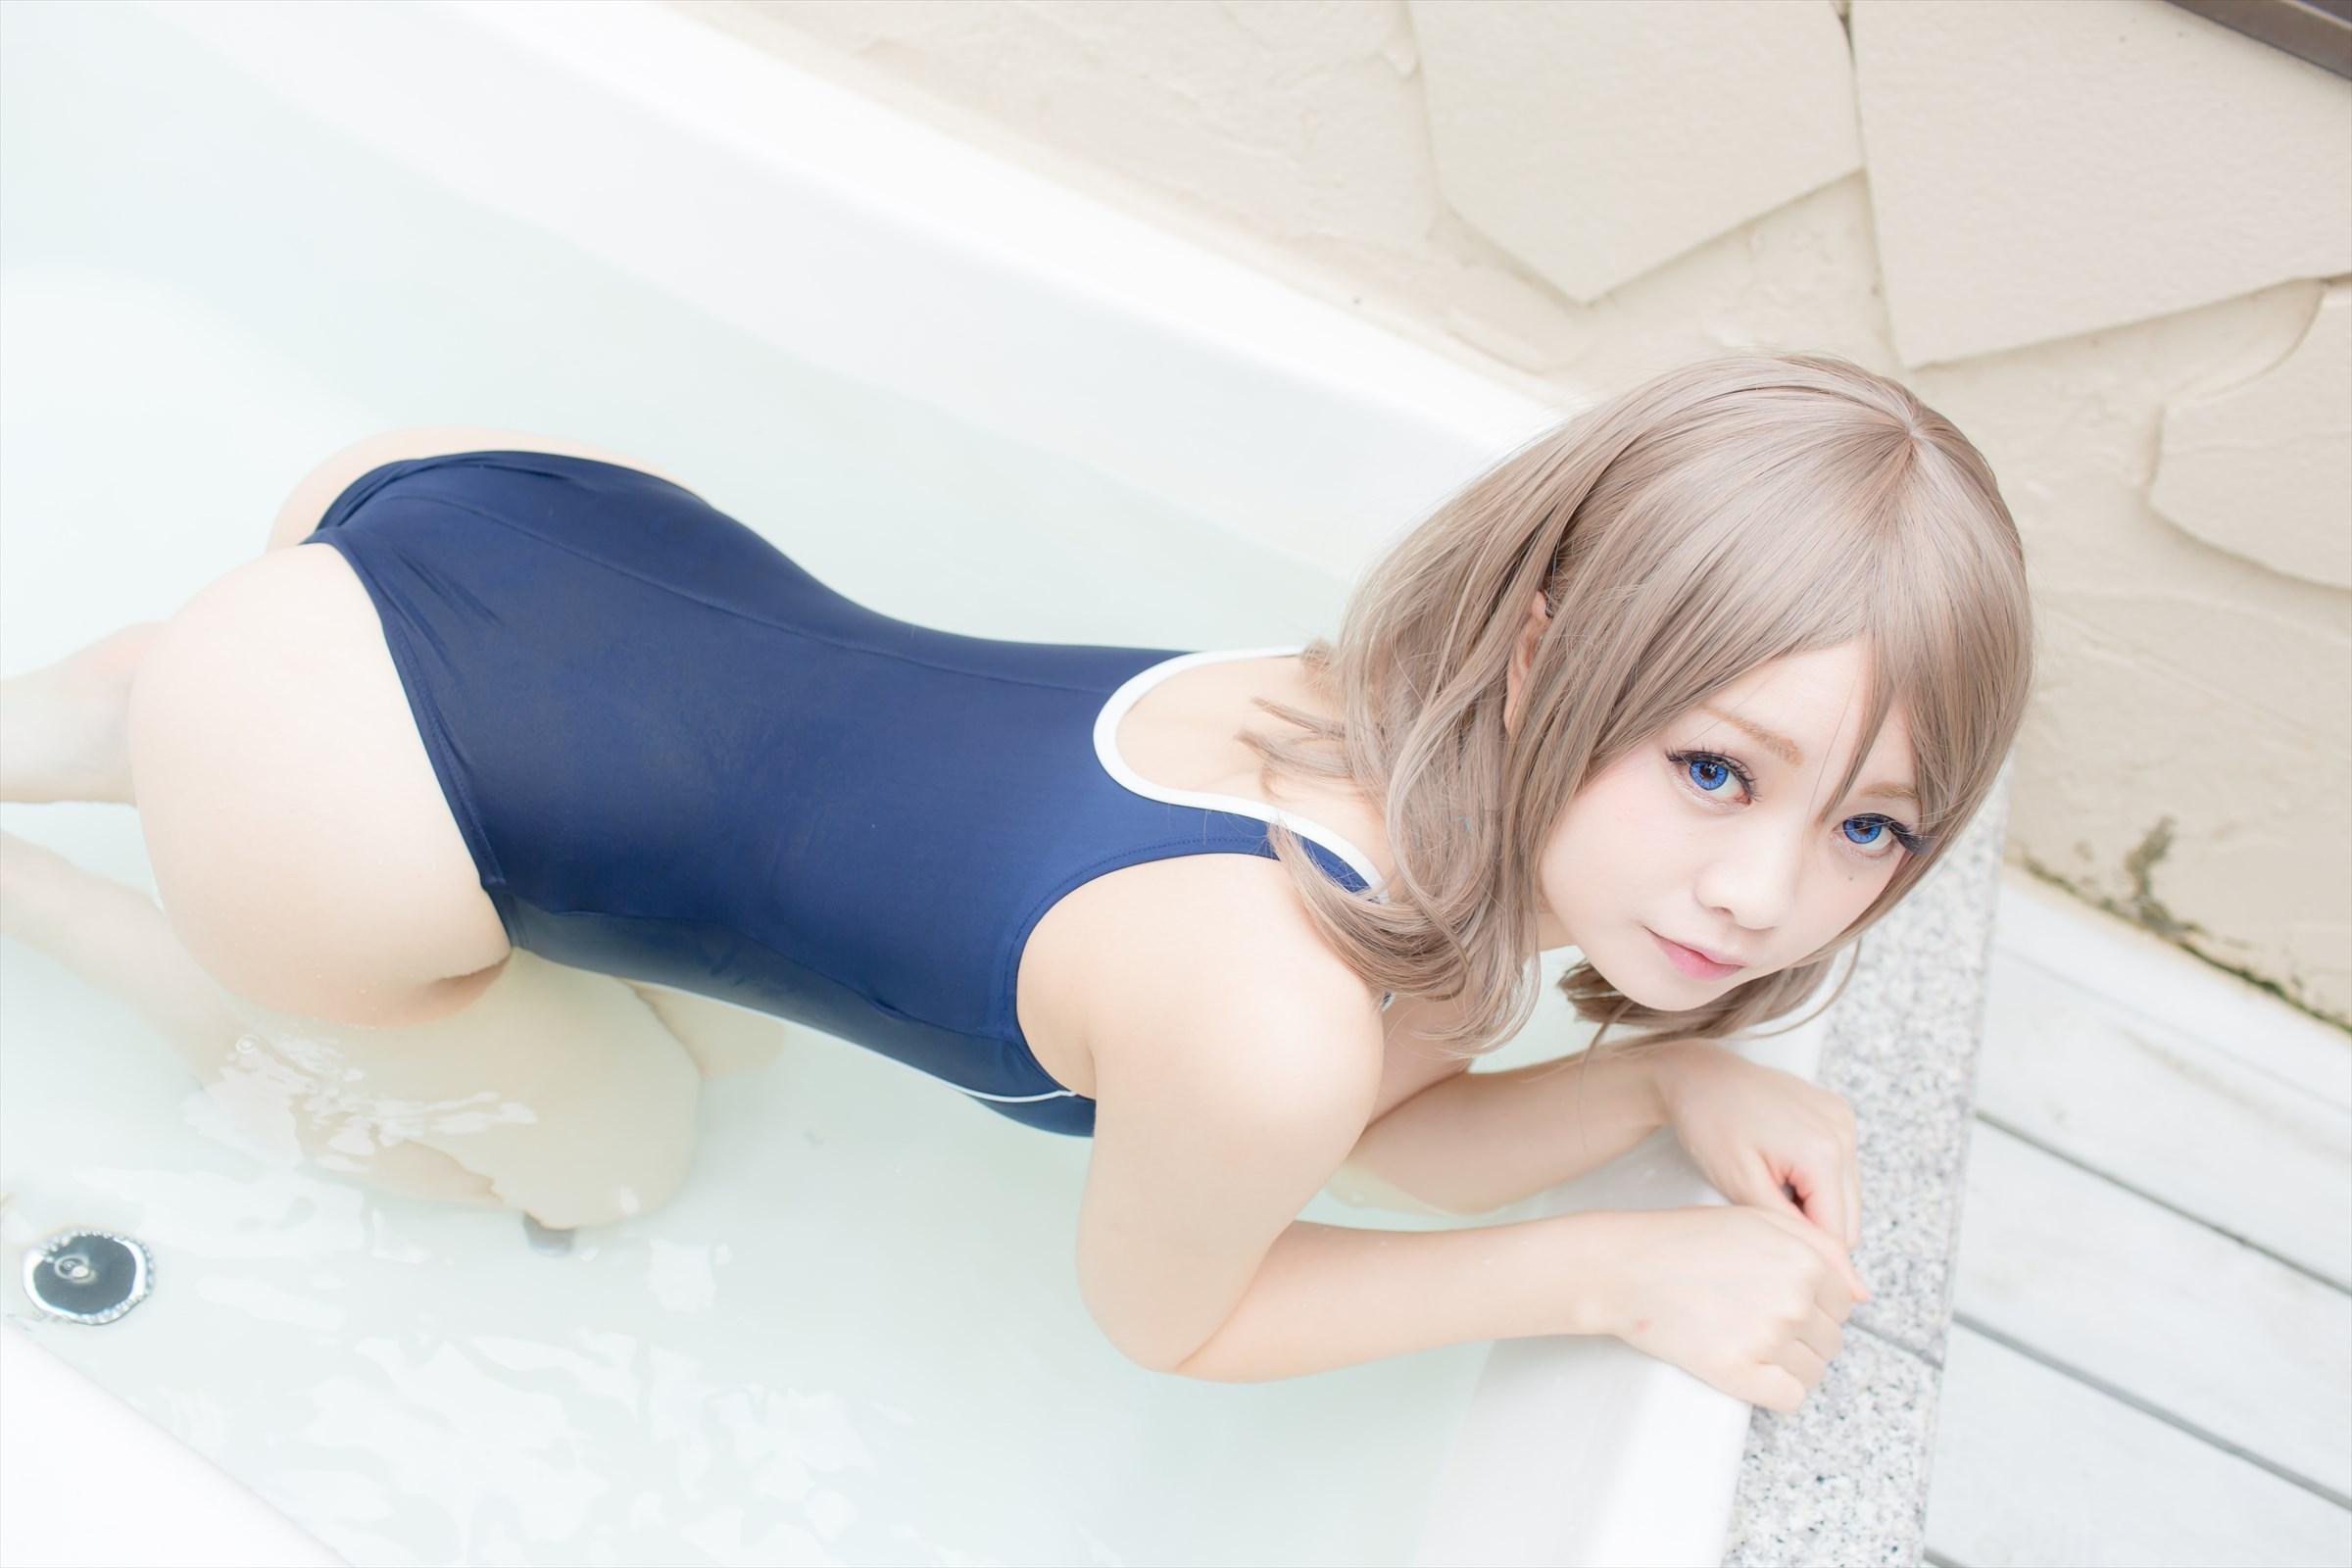 【兔玩映画】露背毛衣 兔玩映画 第70张